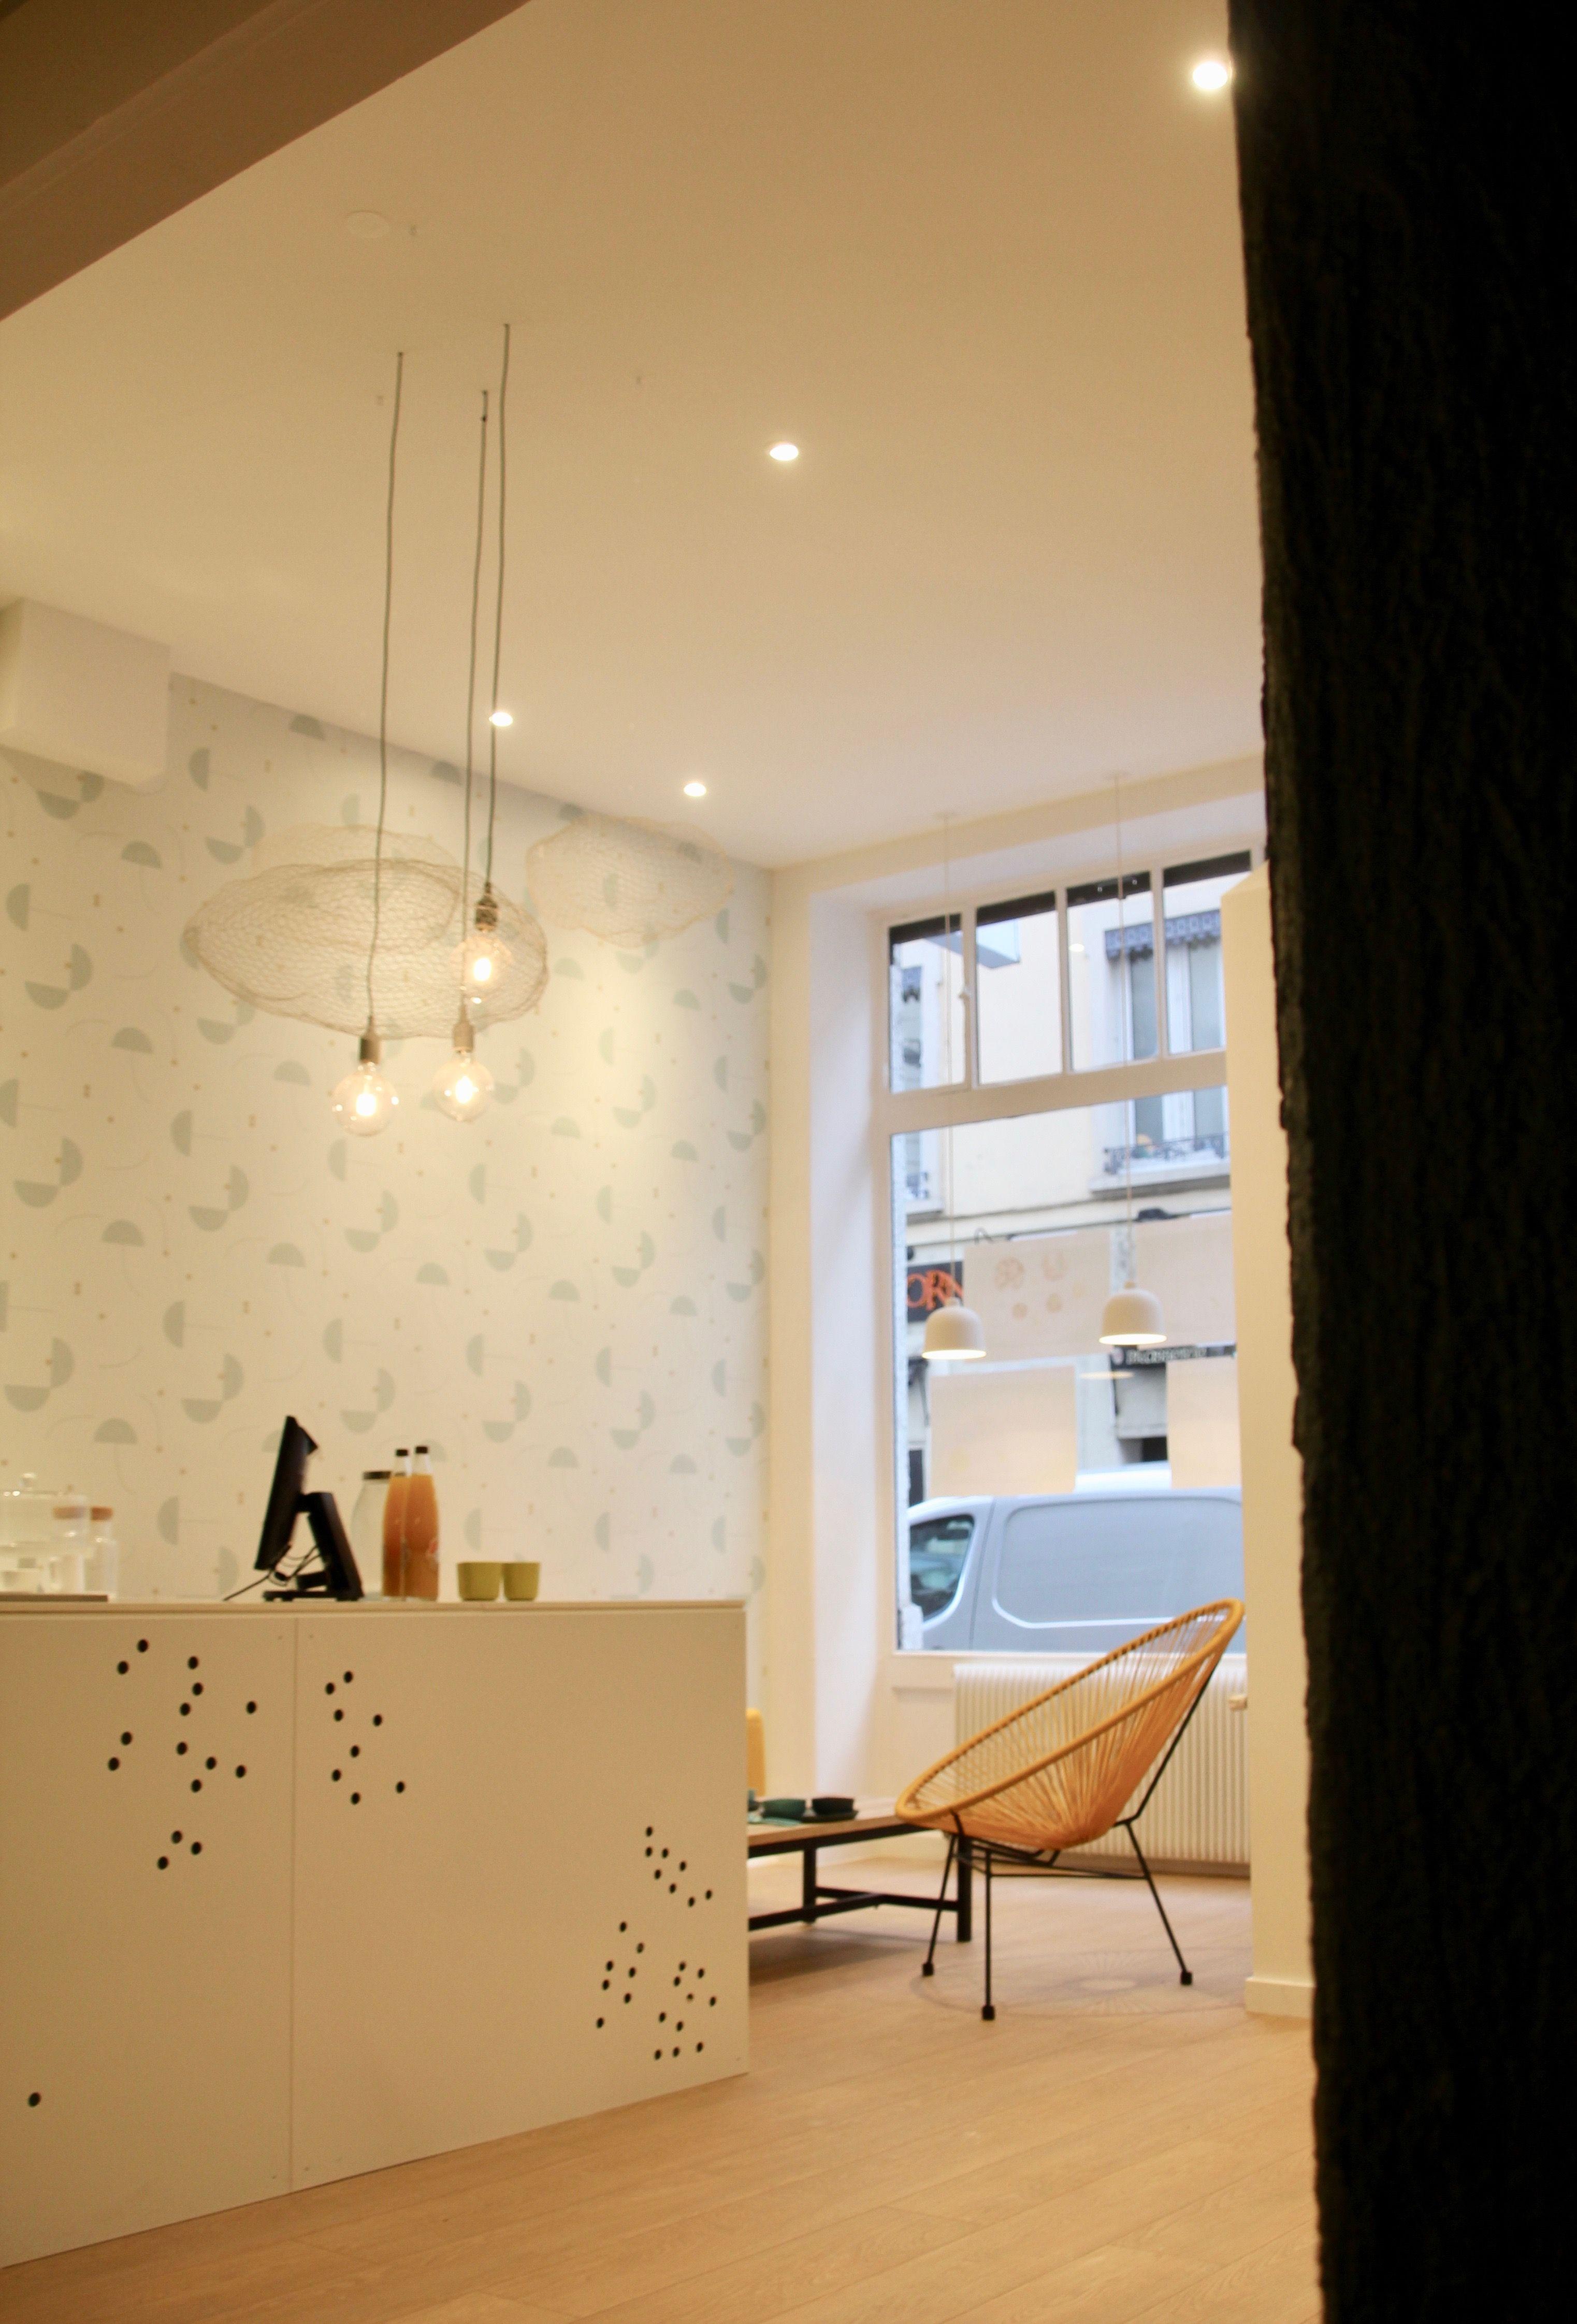 Maison Mathuvu 43 Rue De La Charite 69002 Lyon En 2020 Maison Concept Store Stores